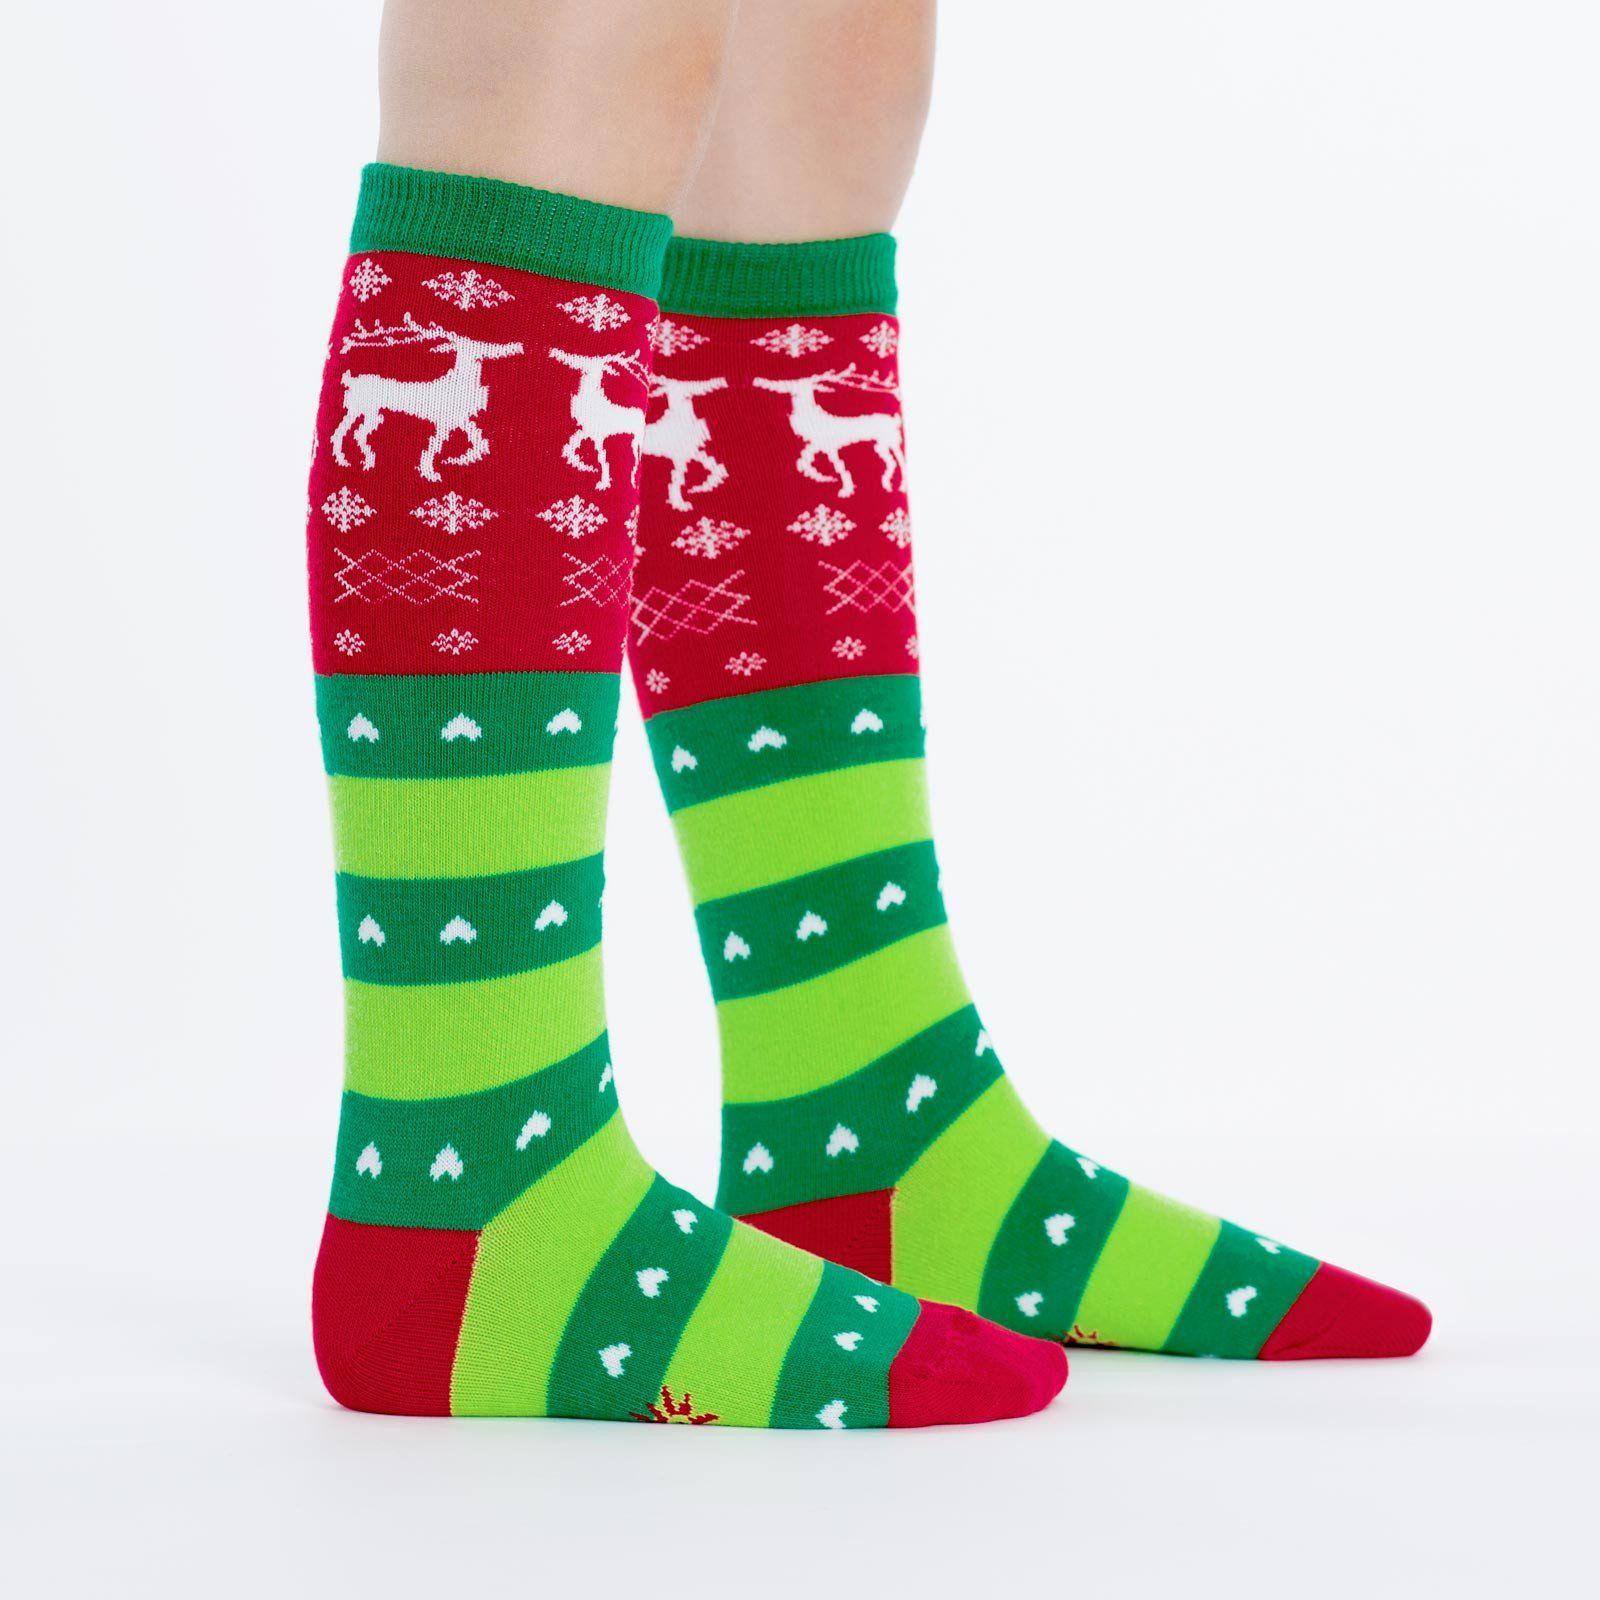 For Bare Feet NCAA Ugly Christmas Holiday Socks